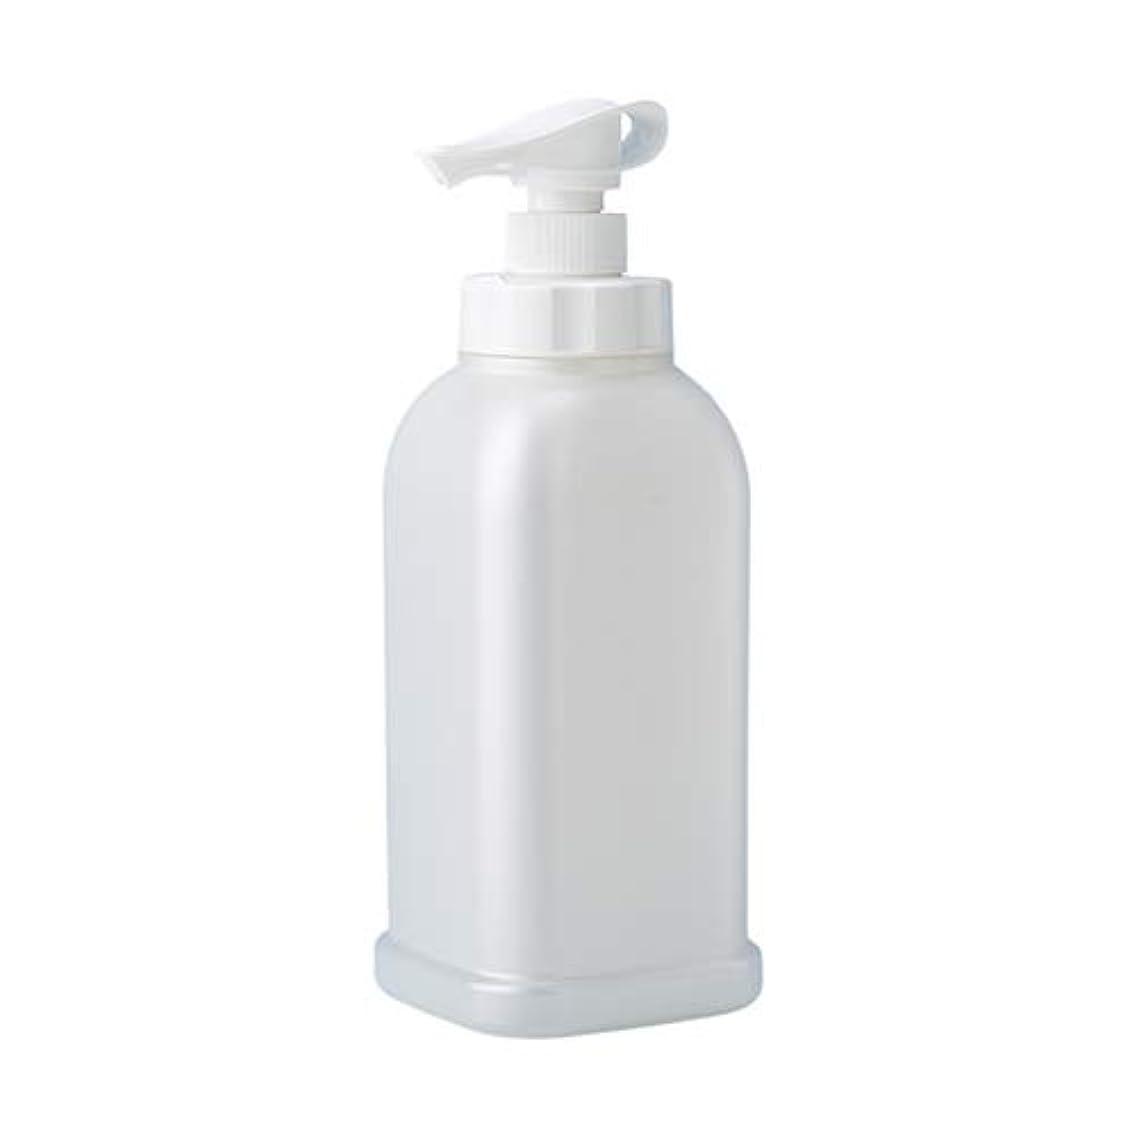 ラグ宿泊施設あさり安定感のある ポンプボトル シャンプー コンディショナー リンス ボディソープ ハンドソープ 1.2L詰め替え容器 パールホワイト